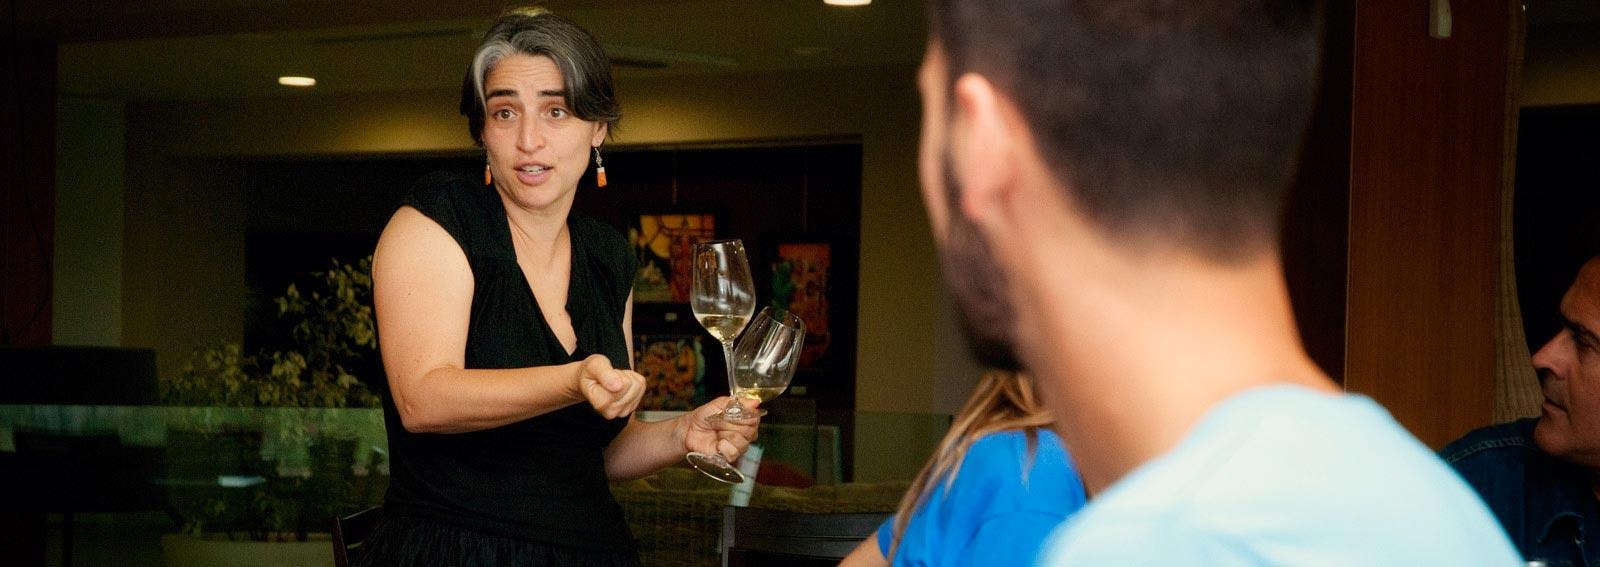 Anna Espelt tastant vins a la sala de tast del Celler Espelt